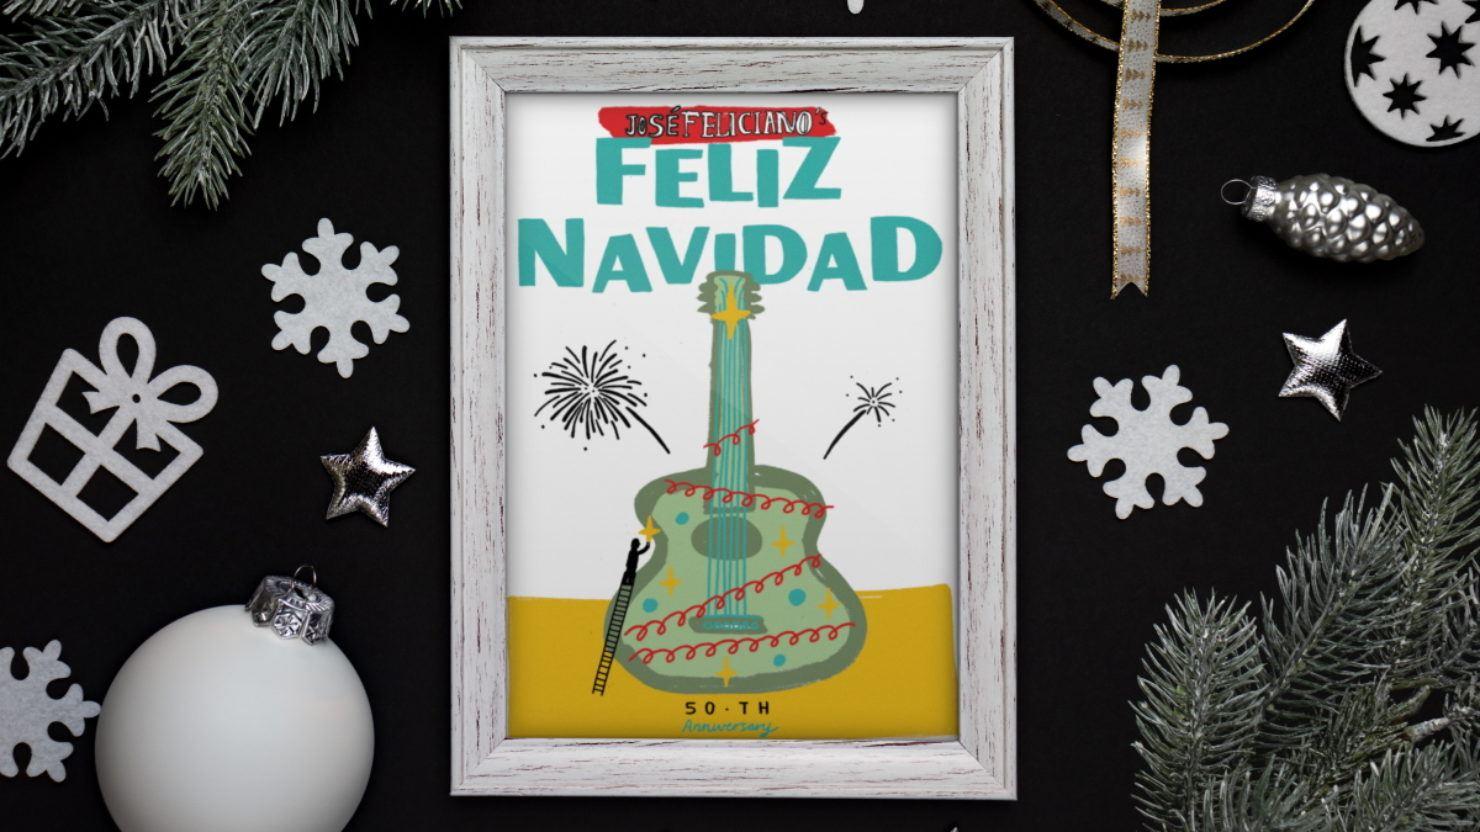 jose feliciano feliz navidad livestream 1480x832.